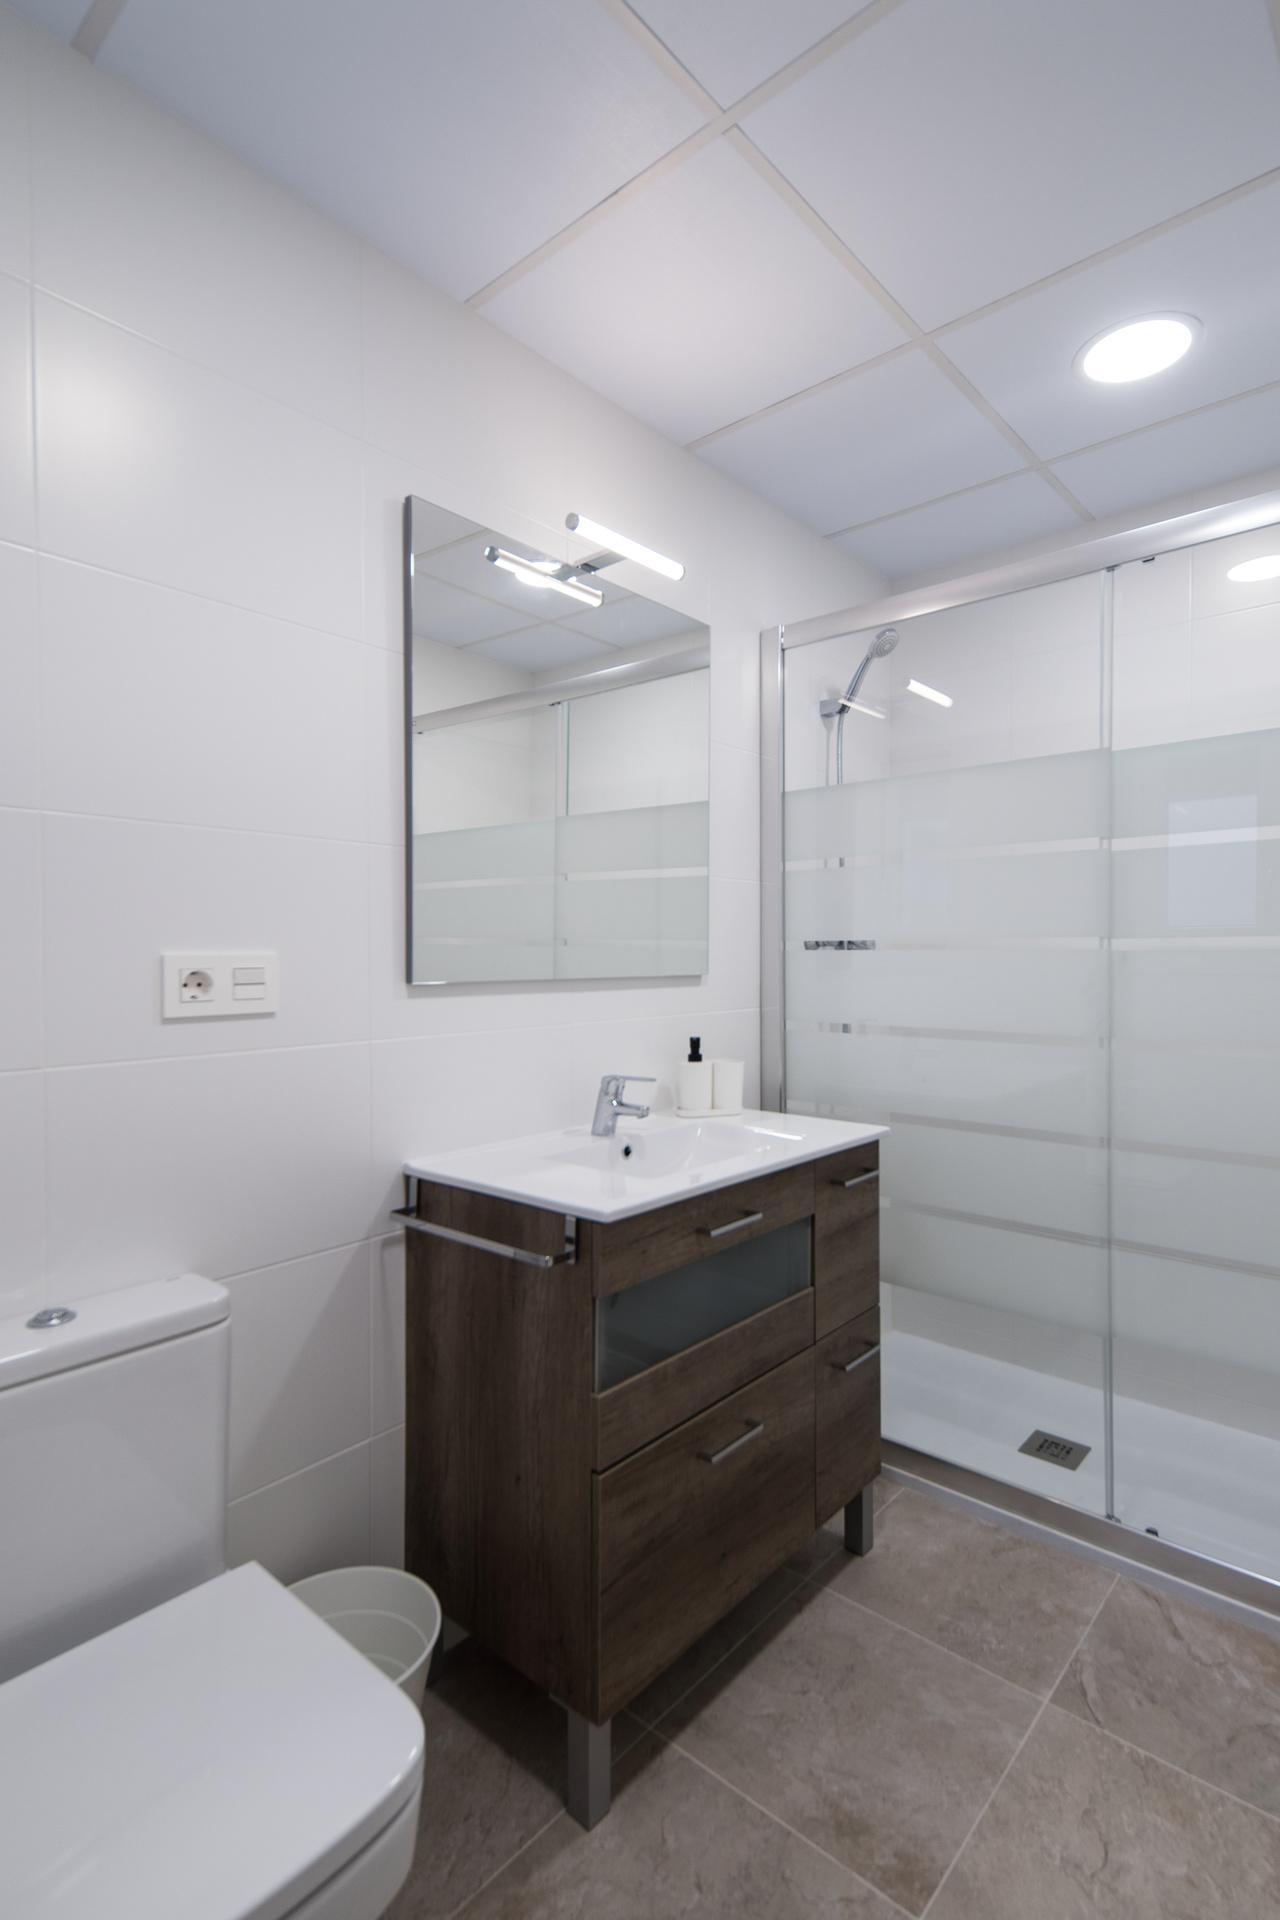 baño privado alquilar piso zaragoza poppy rooms